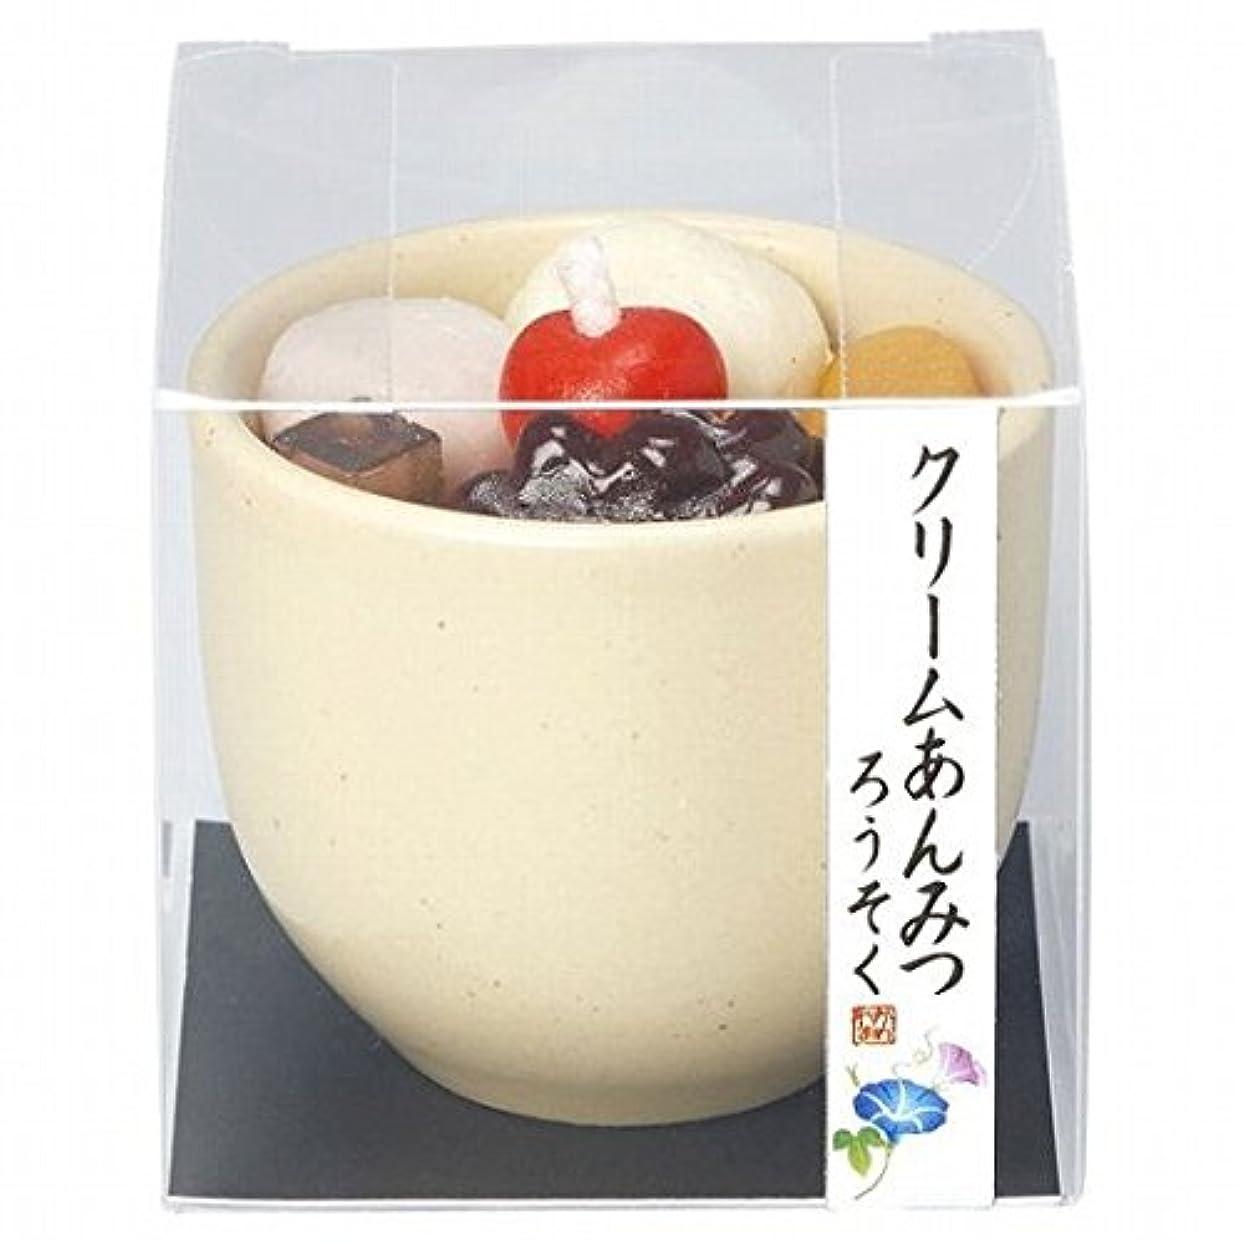 期間お酢操作可能kameyama candle(カメヤマキャンドル) クリームあんみつキャンドル(86220000)